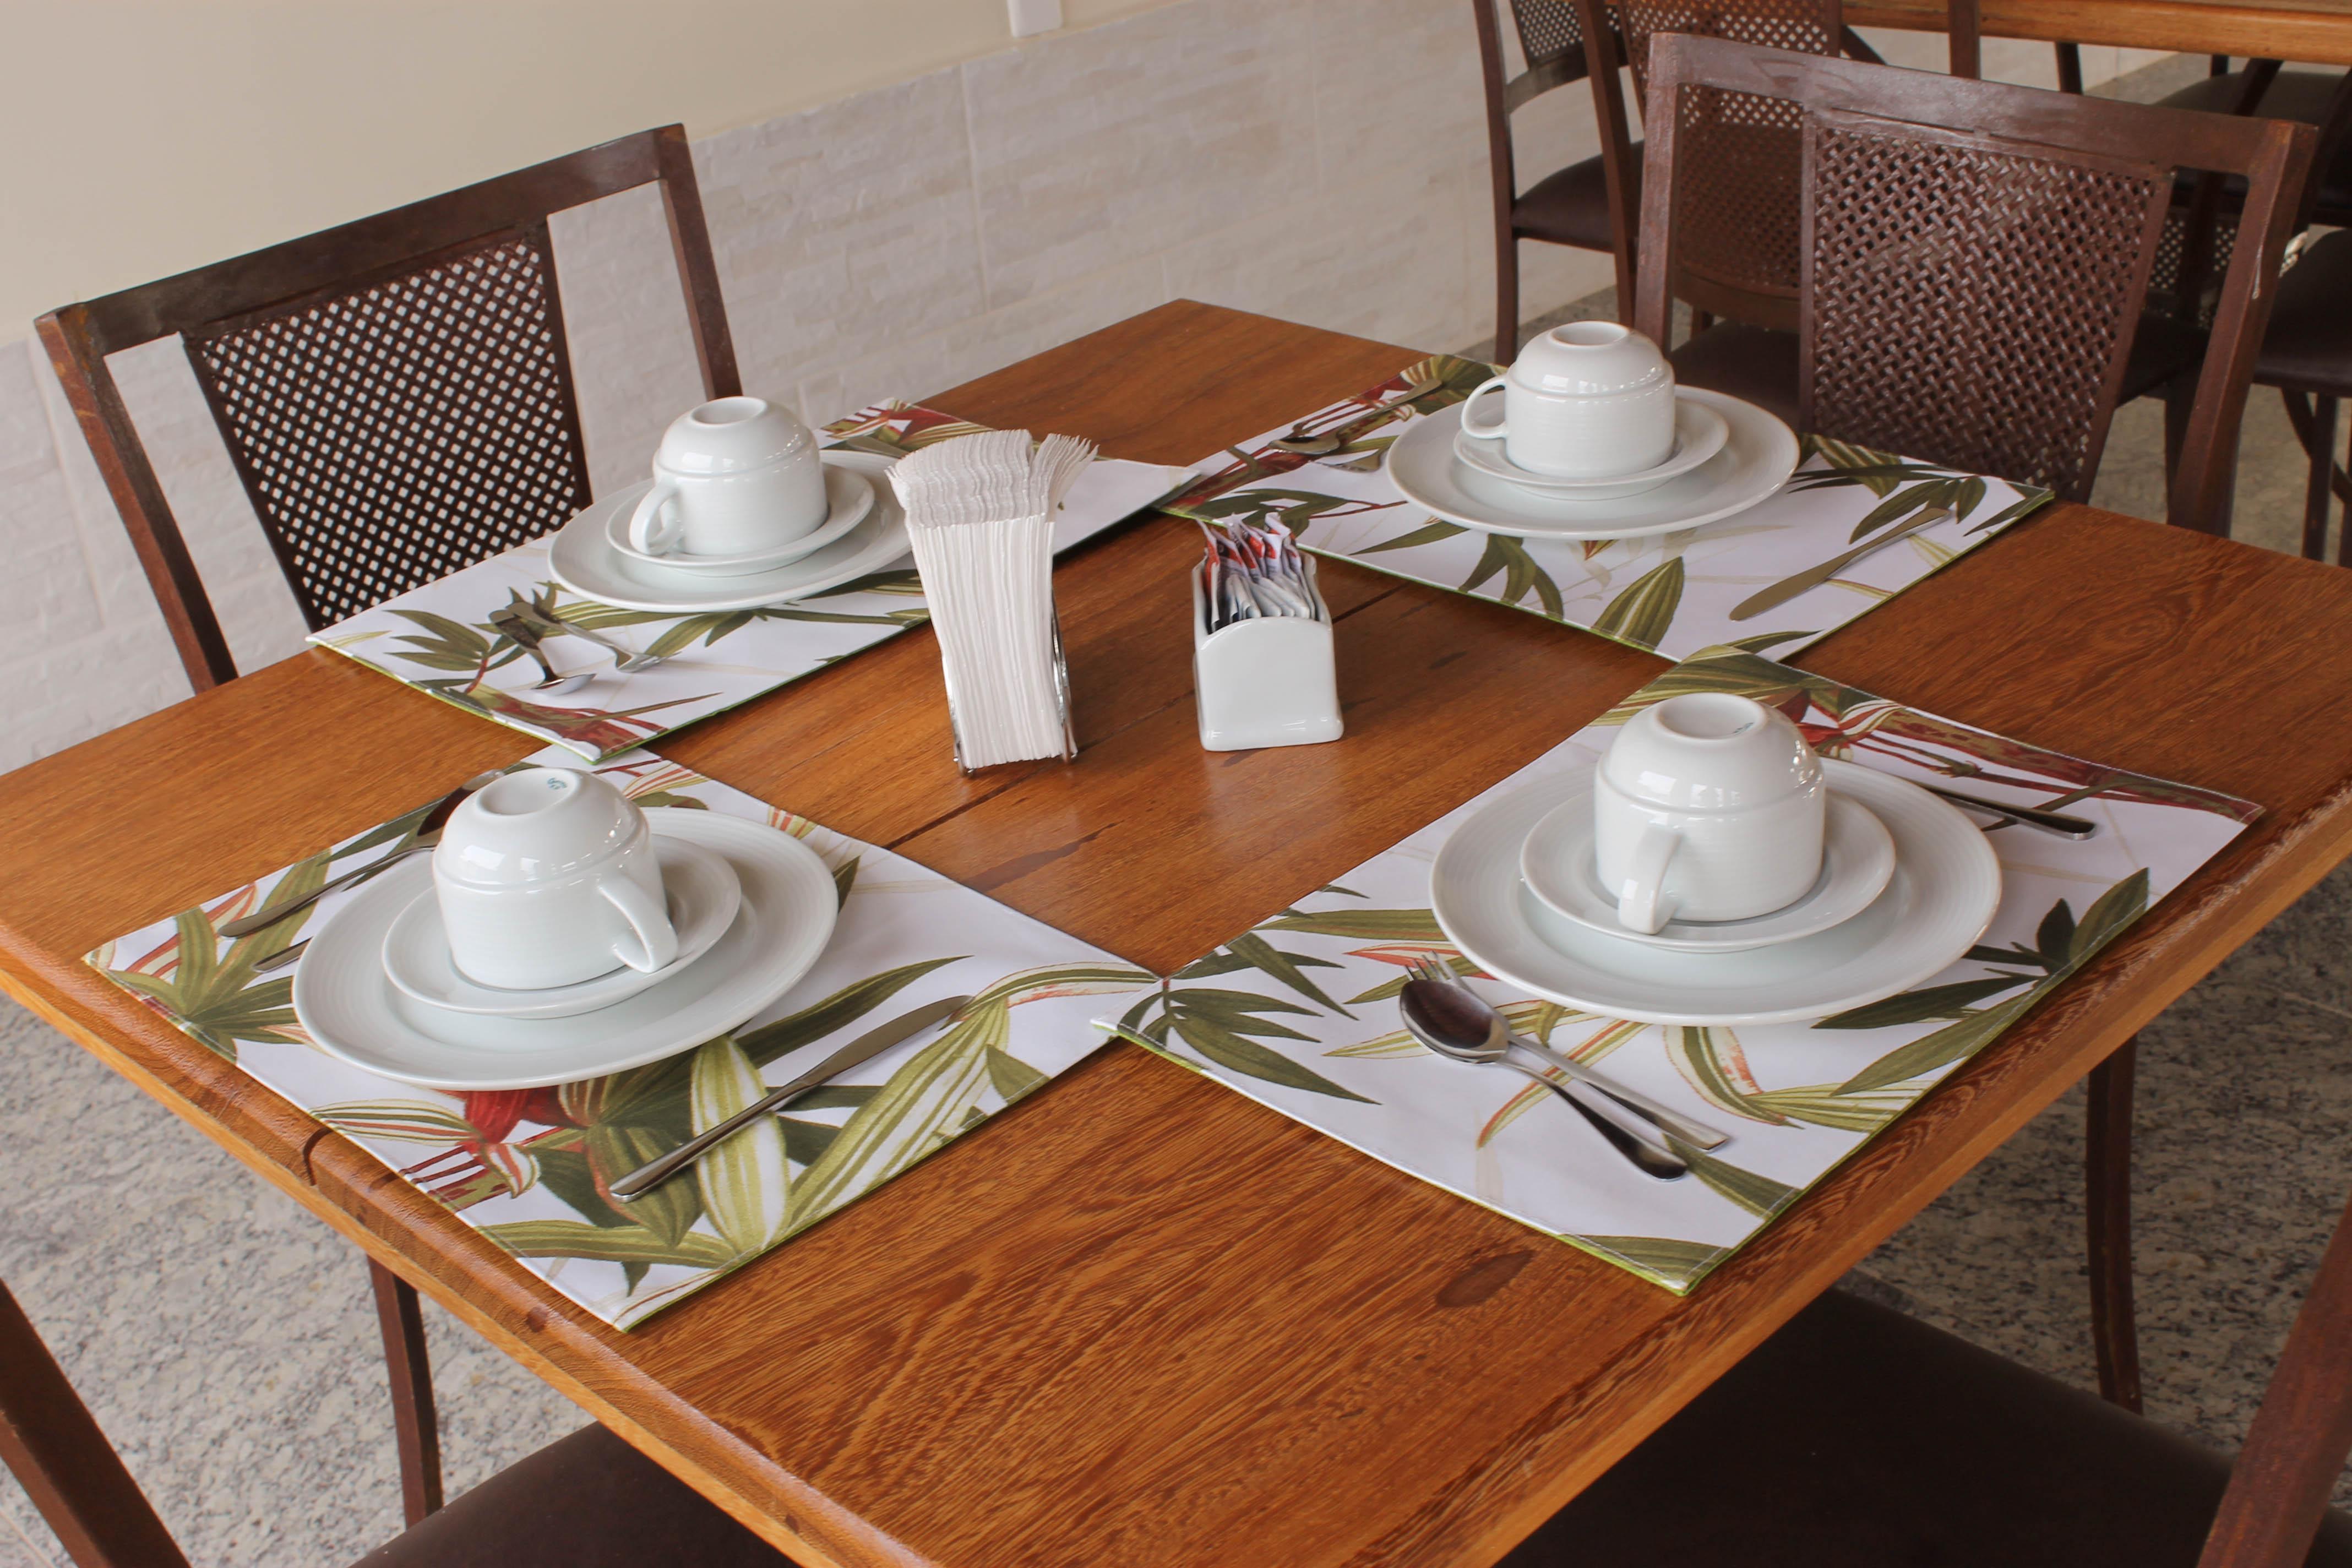 Café da manhã (restaurante)8.jpg